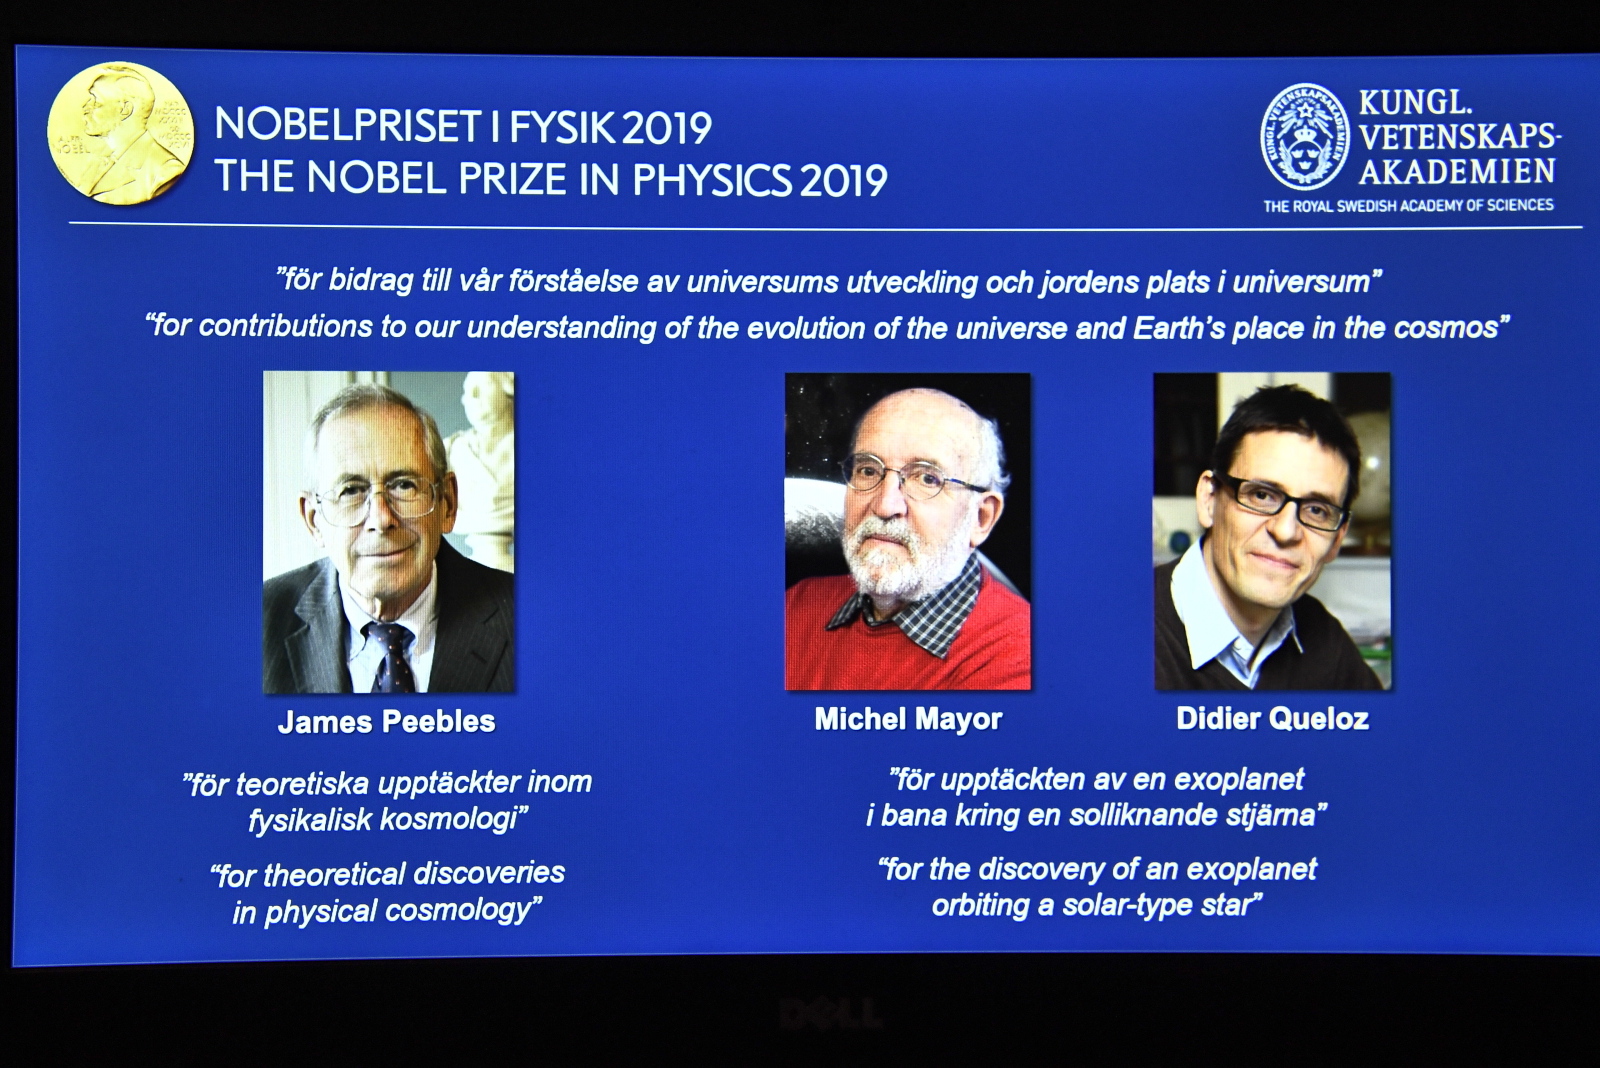 Nobel z fizyki 2019